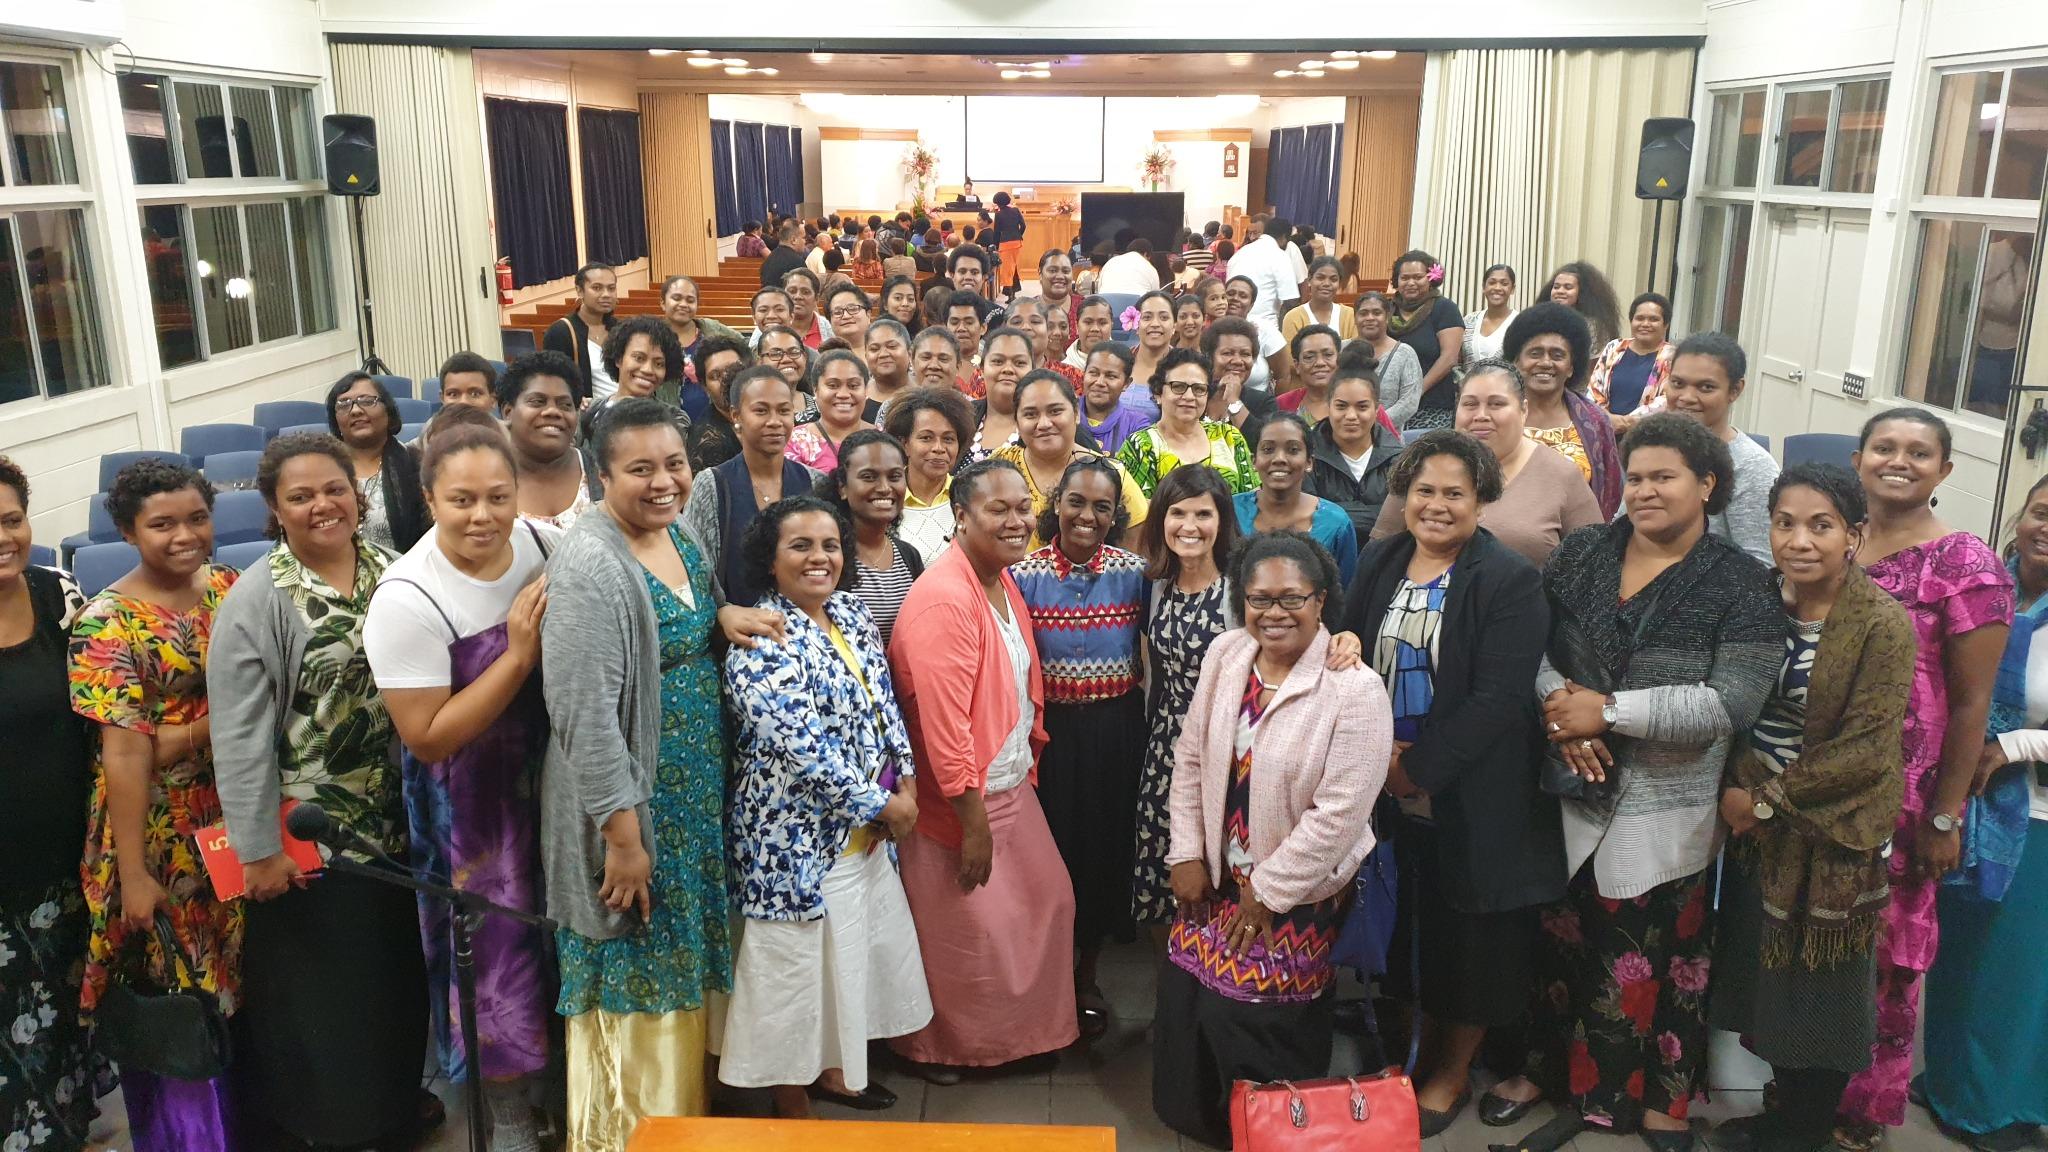 La hermana Becky Craven (al centro a la derecha) posa con un grupo de mujeres luego de un devocional en Fiyi. La hermana Craven visitó Fiyi junto a la hermana Sharon Eubank durante un viaje al Área Pacífico, en octubre de 2019.